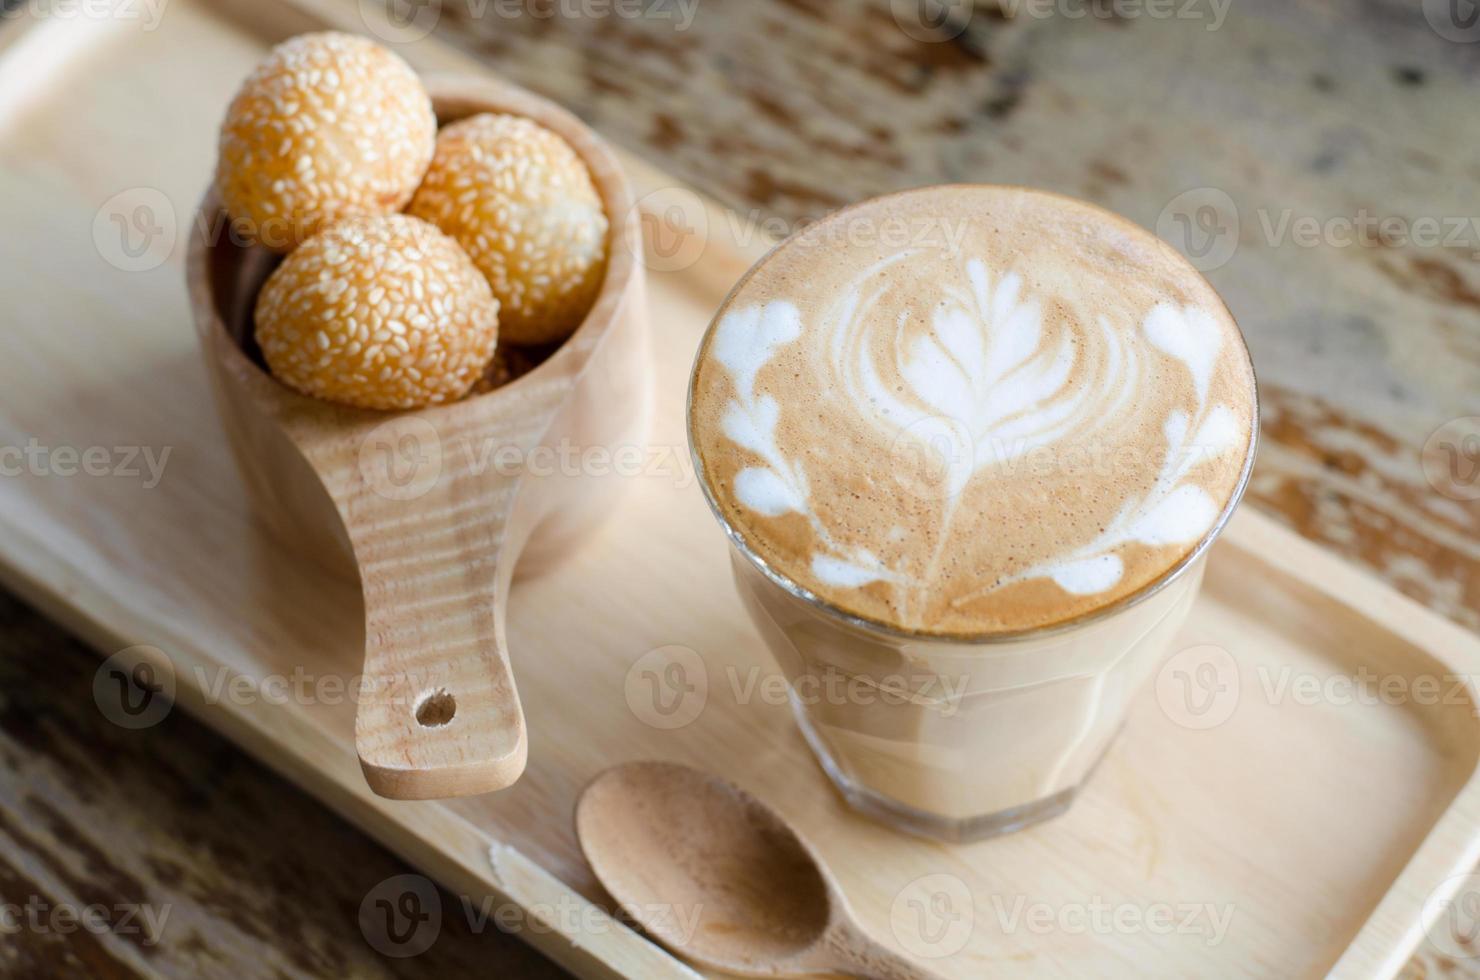 Latte Art Kaffee und Süßigkeiten Eier Schwan foto